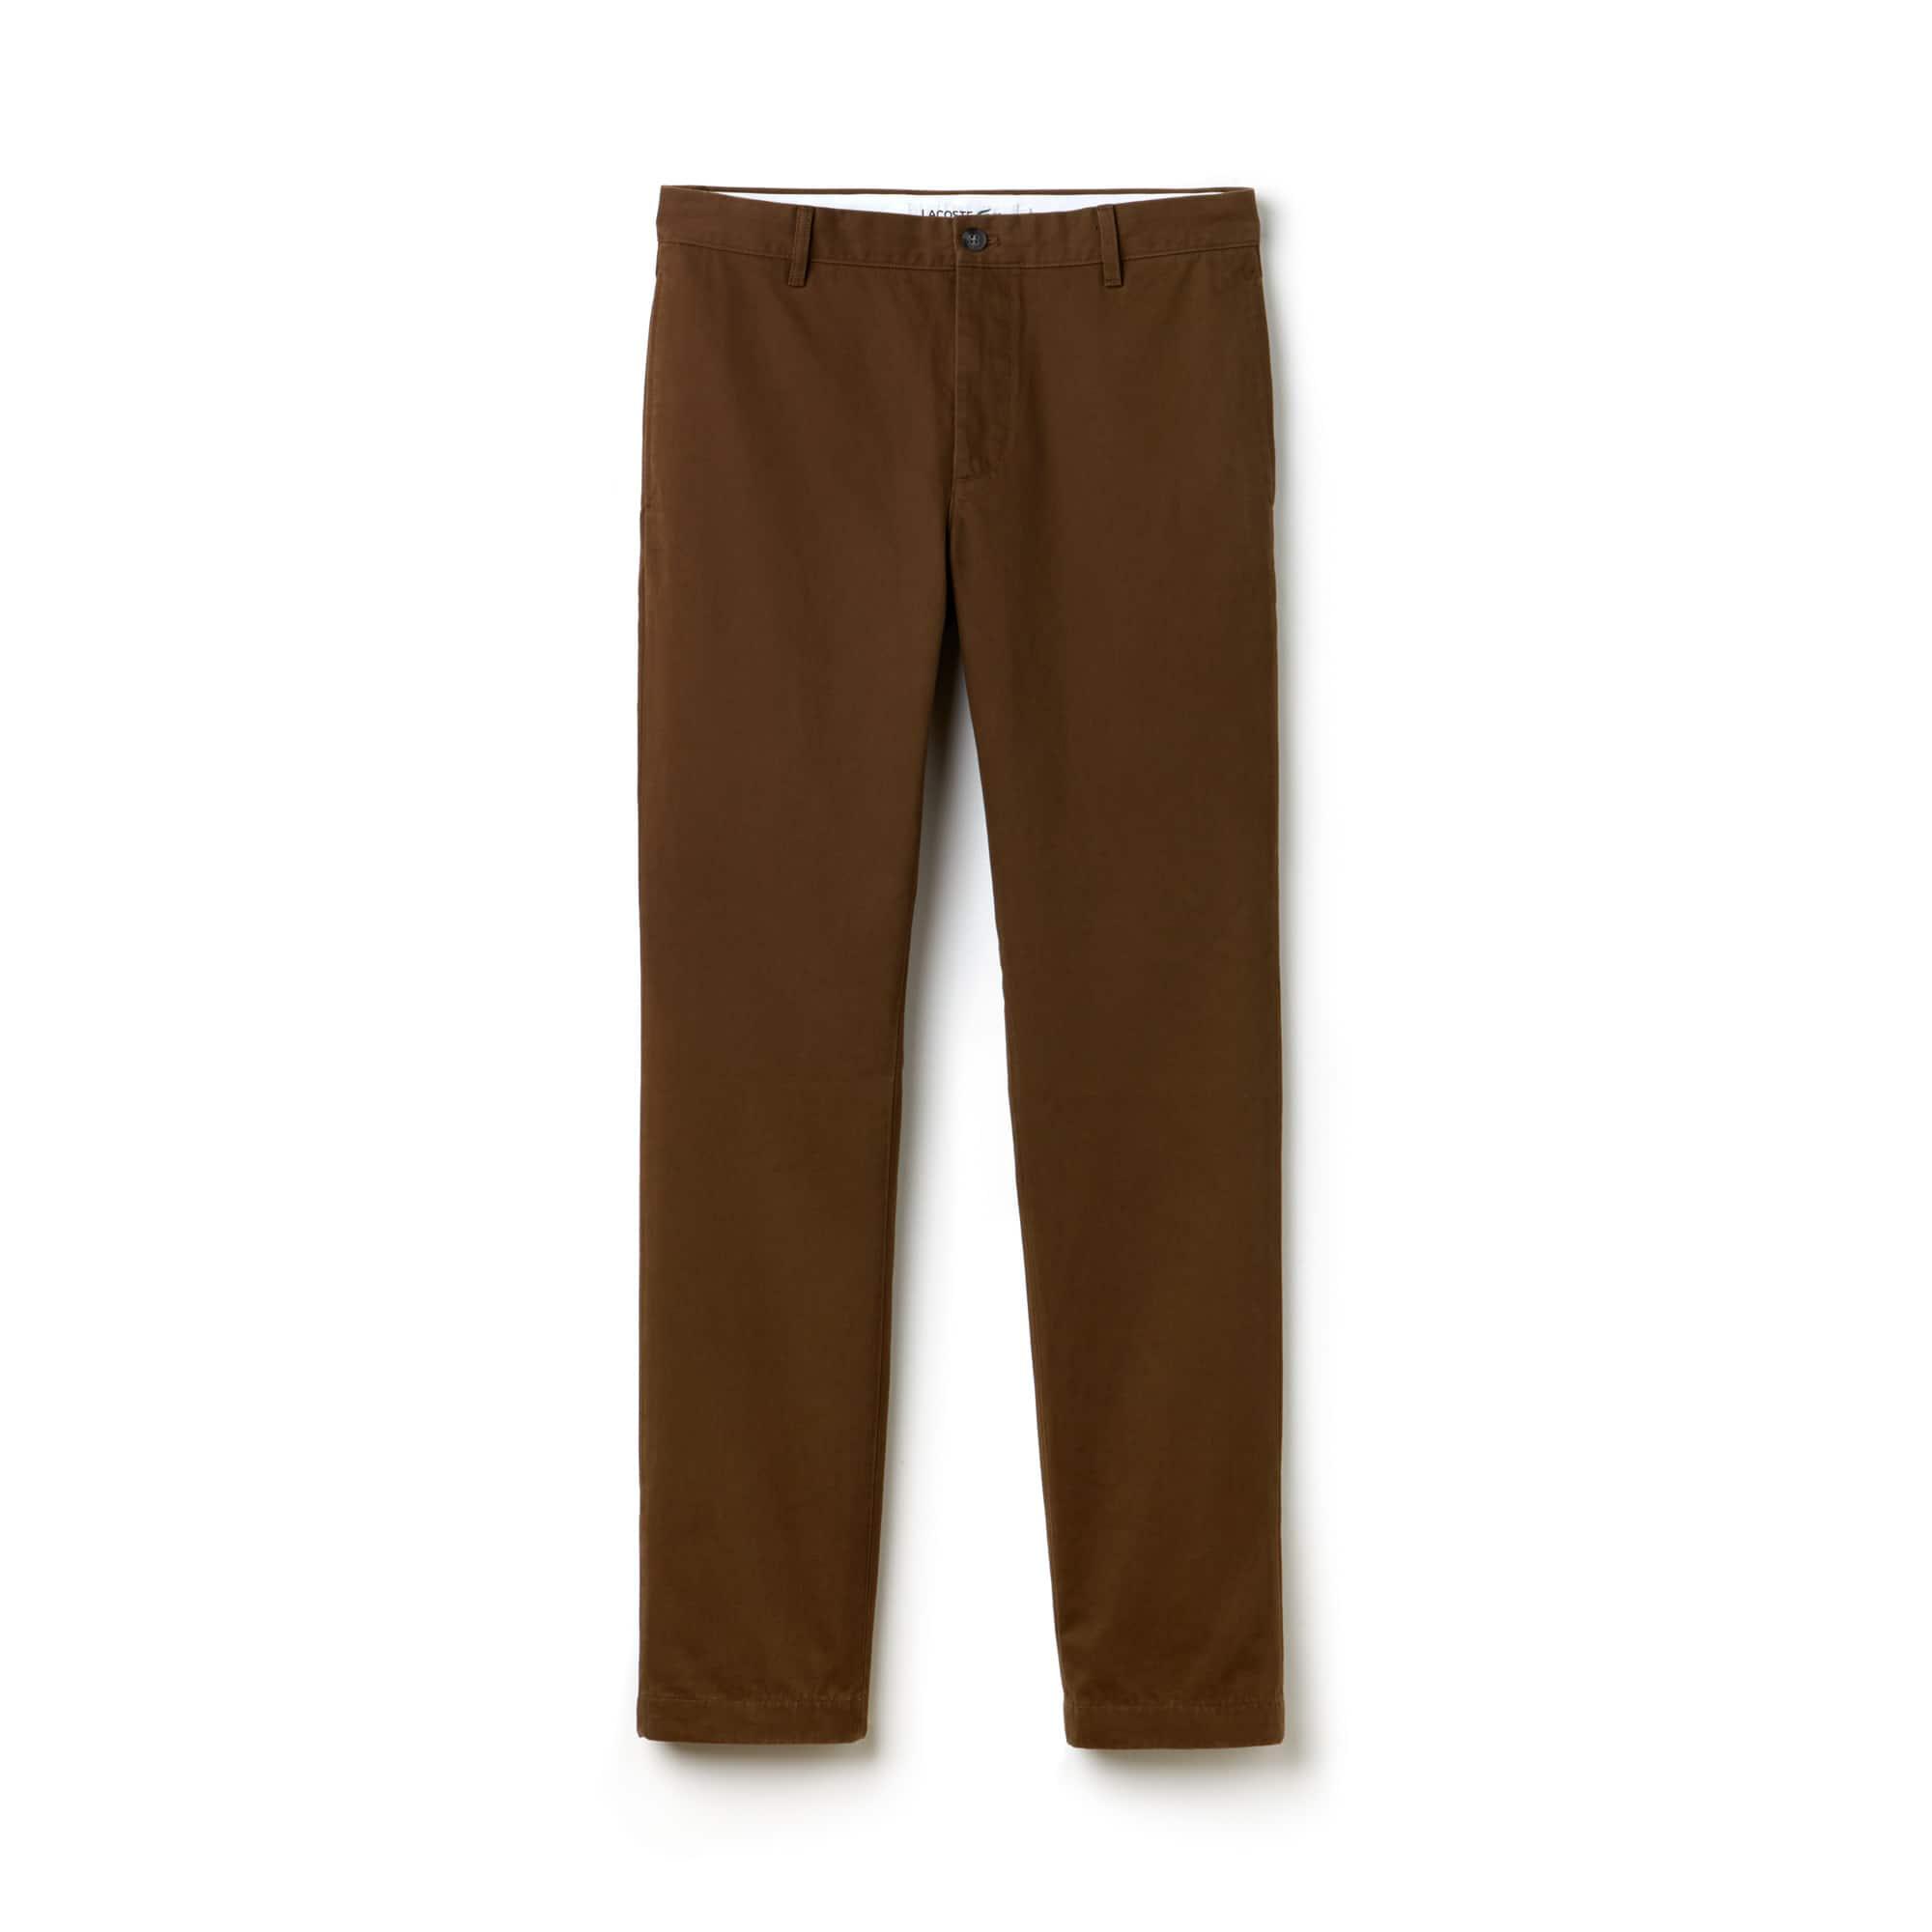 Calça Chino Regular Fit Masculina em Gabardina de Algodão